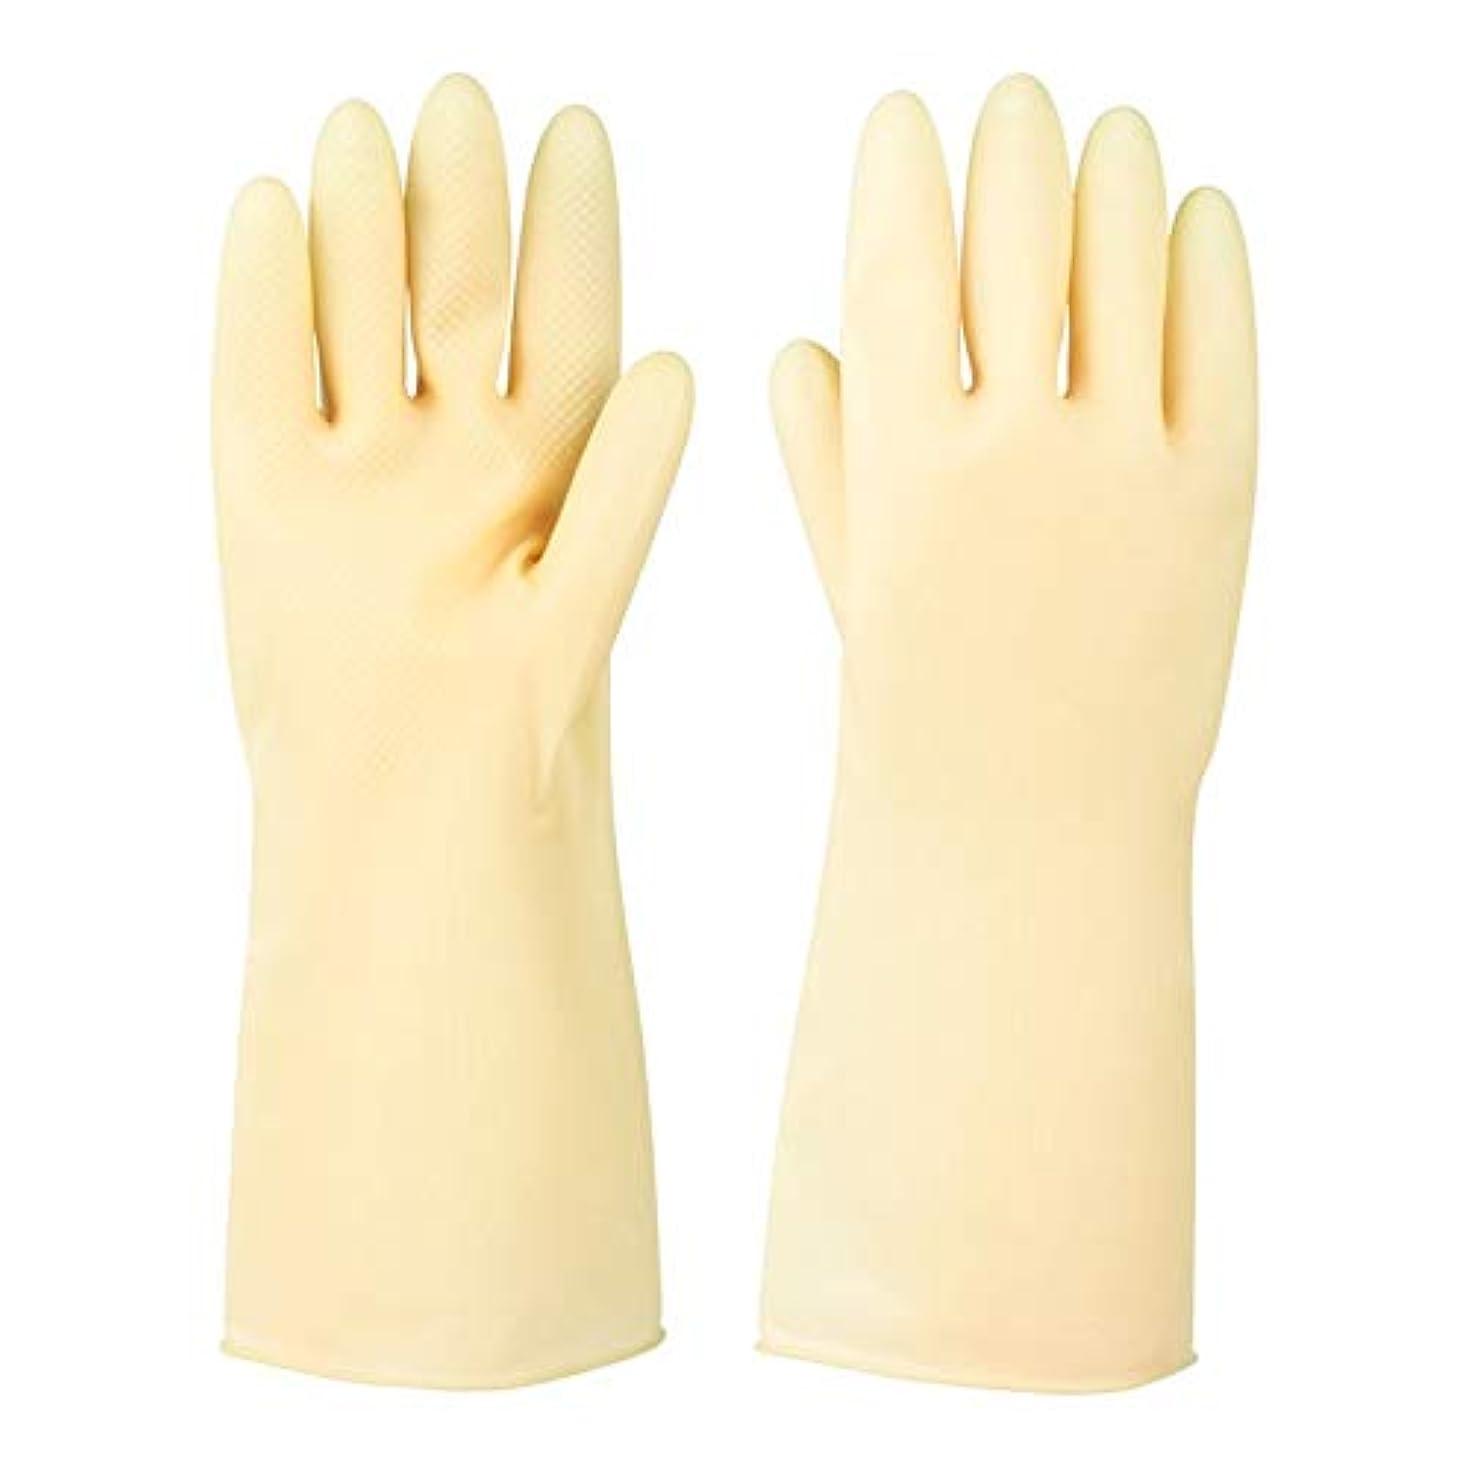 裕福なキノコ収束する使い捨て手袋 ラバーレザーグローブ厚めの滑り止め耐摩耗性防水保護手袋、5ペア ニトリルゴム手袋 (Color : 5 pair, Size : S)